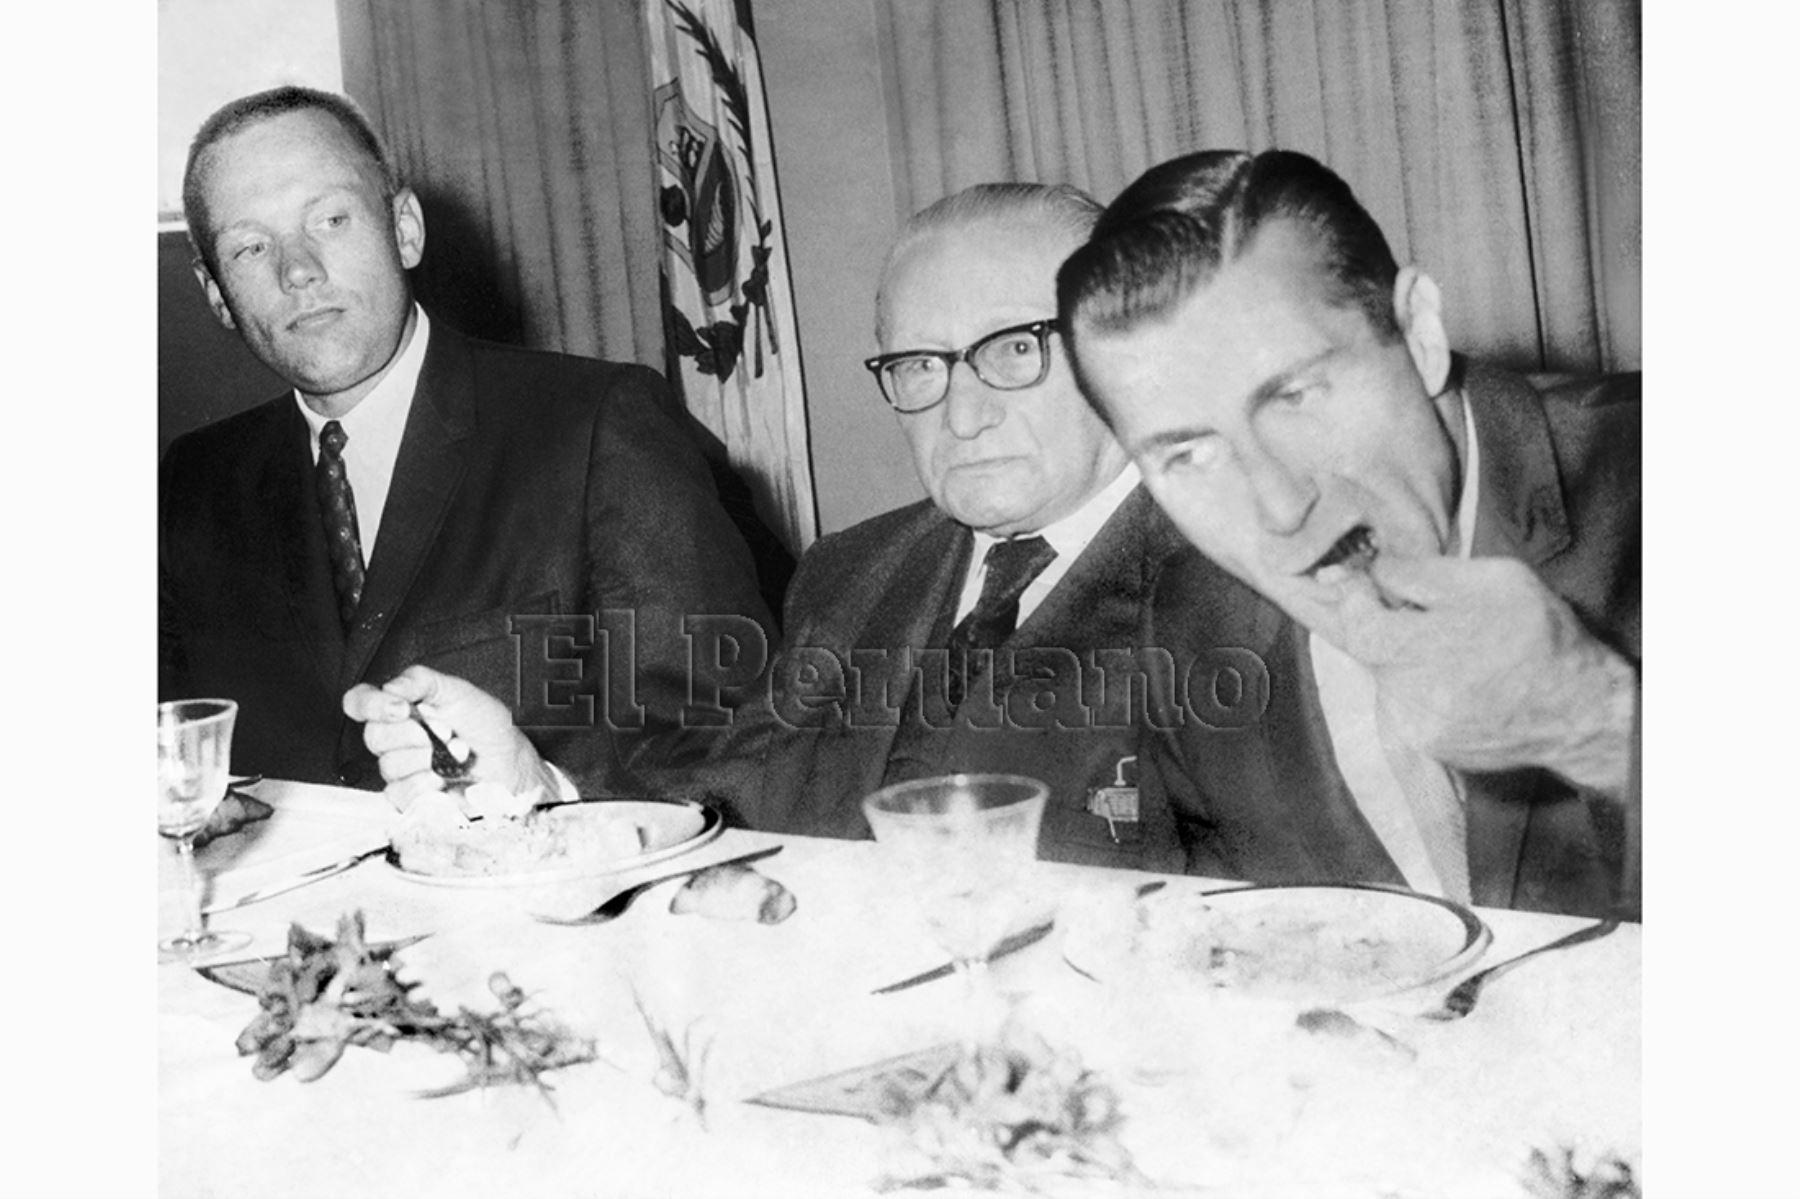 Lima 14 octubre 1966 / El Instituto Cultural Peruano Nortemaricano ofgreció un almuerzo en honor a los astronautas Richard Gordon y Neil Armstrong. Ambos saborearon un exquisito plato de cebiche y quedaron encantados con la comida peruana.